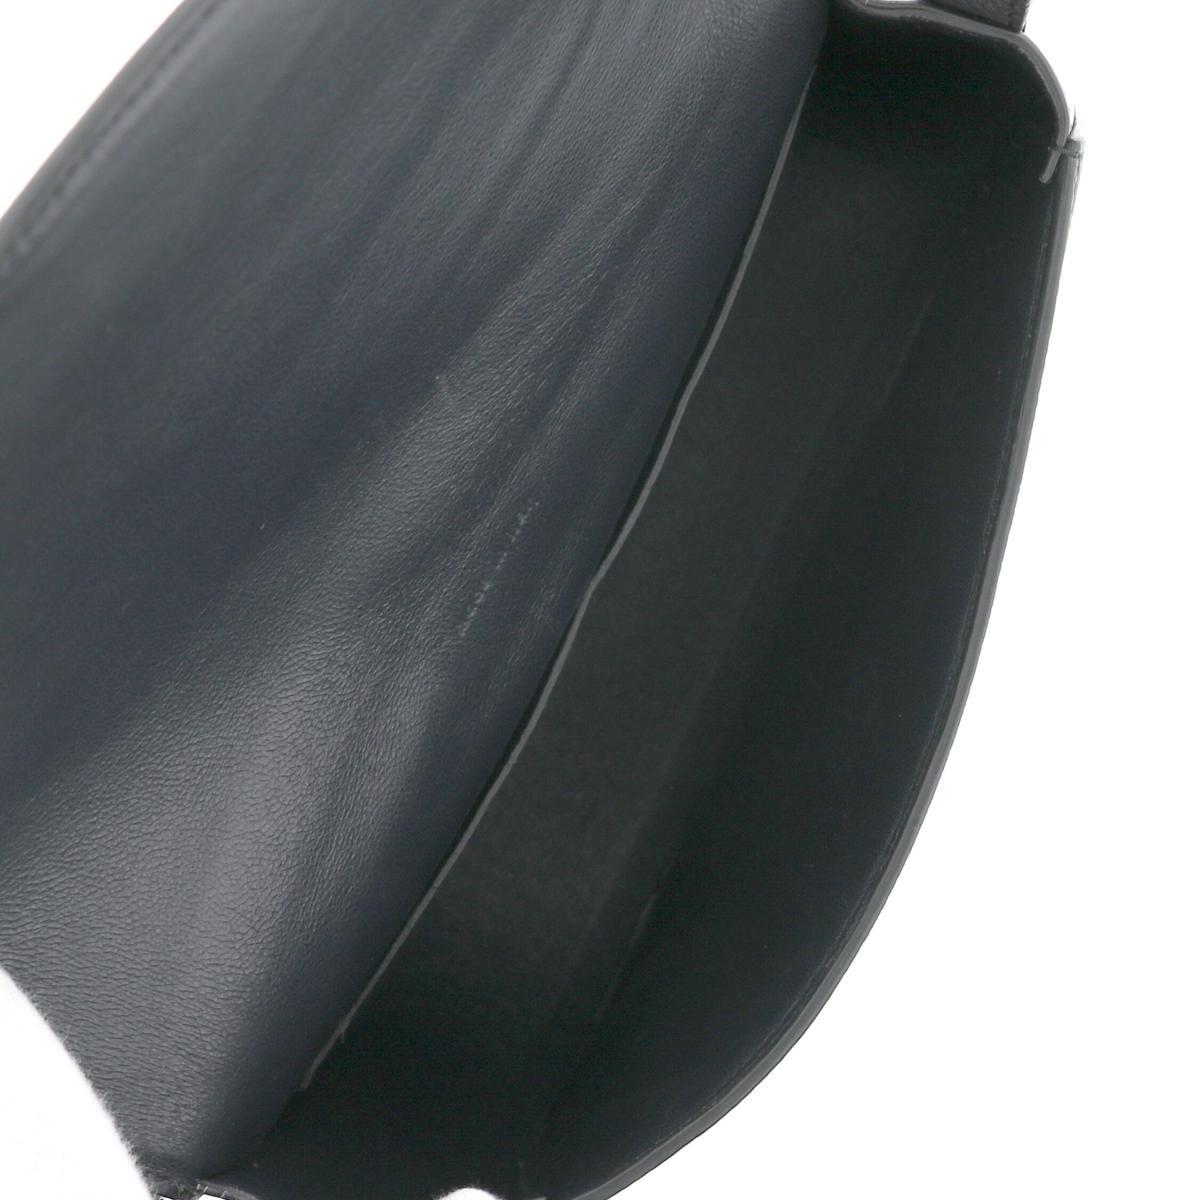 お値下げ品CELINEセリーヌトロッター ミディアム ショルダーバッグ バッグ ショルダー メッセンジャーバッグBlack 179013 used Aq54RjL3A